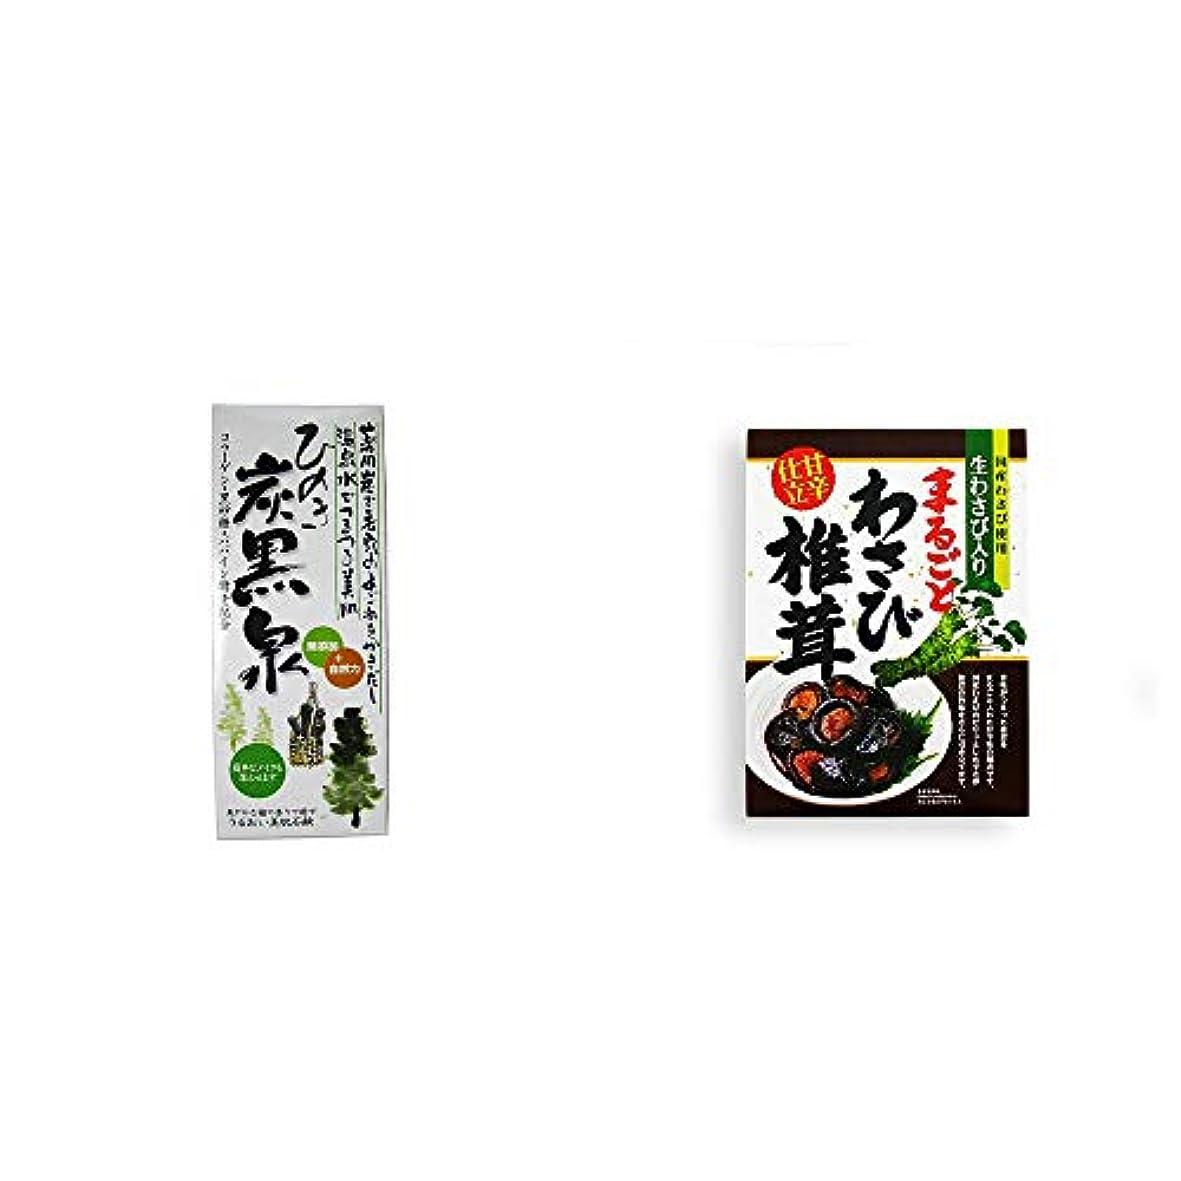 多数のヘルシーキャリア[2点セット] ひのき炭黒泉 箱入り(75g×3)?まるごとわさび椎茸(200g)